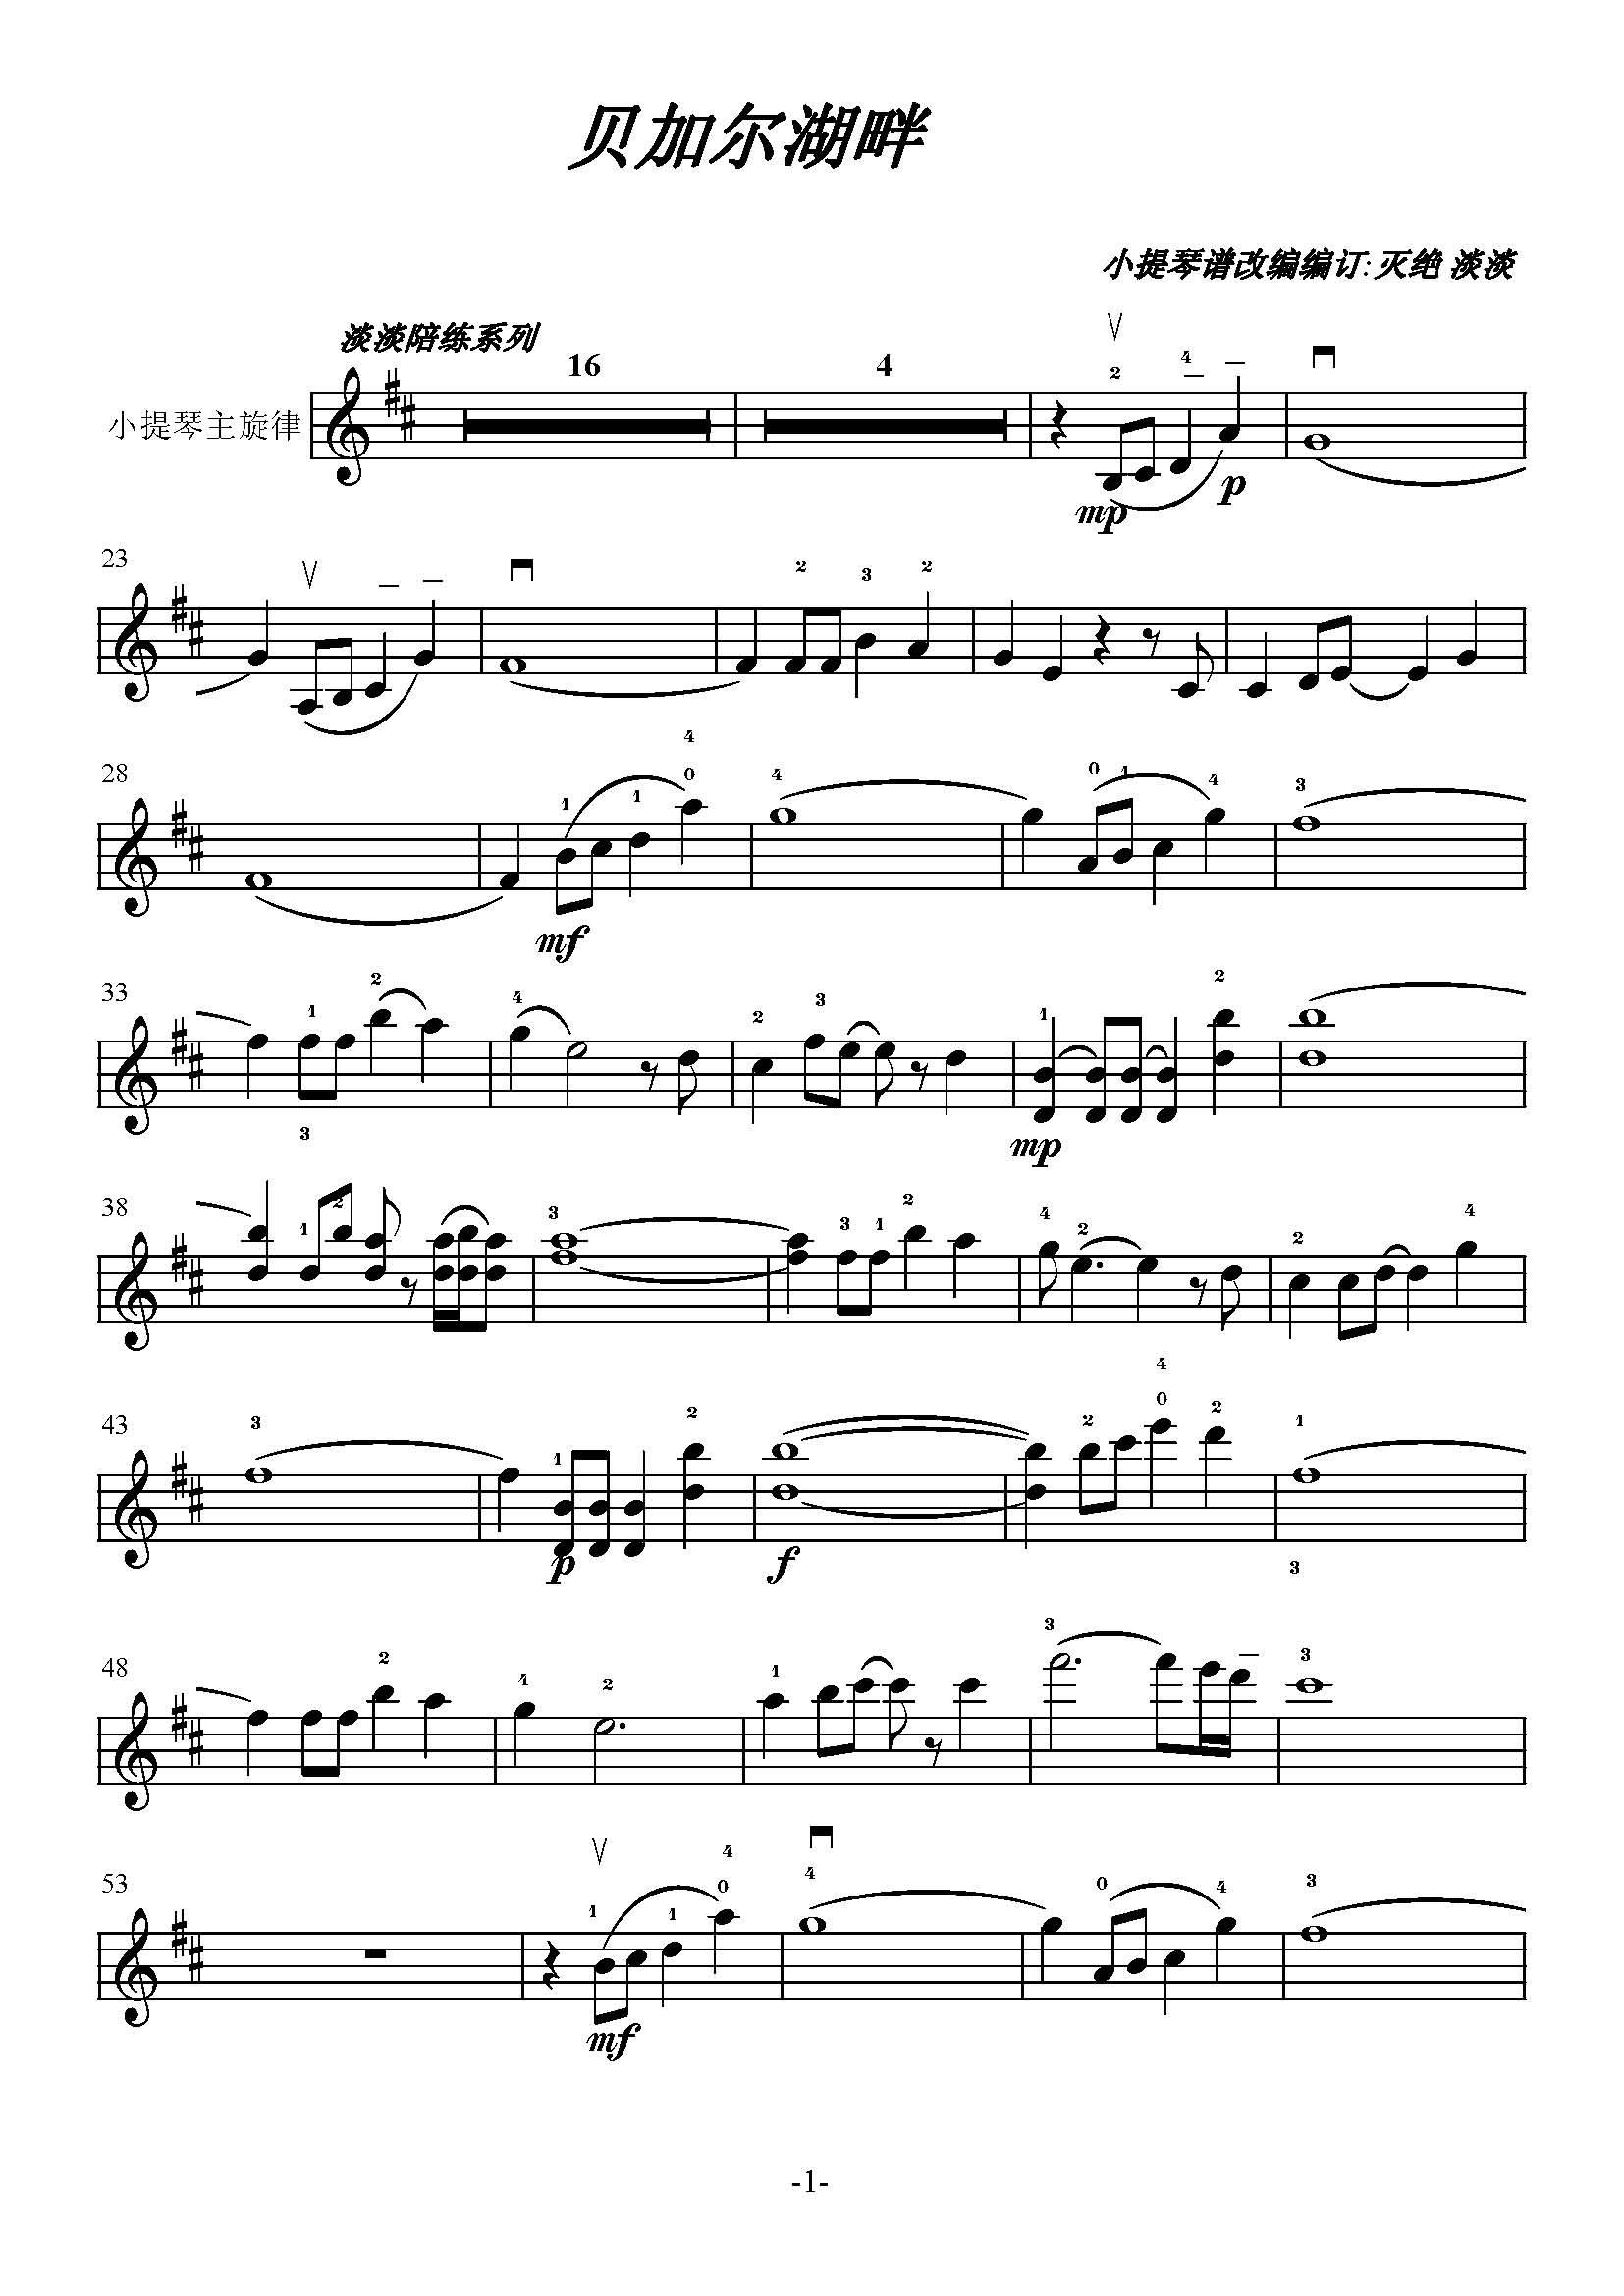 求《贝加尔湖畔》的五线谱,最好是小提琴谱图片